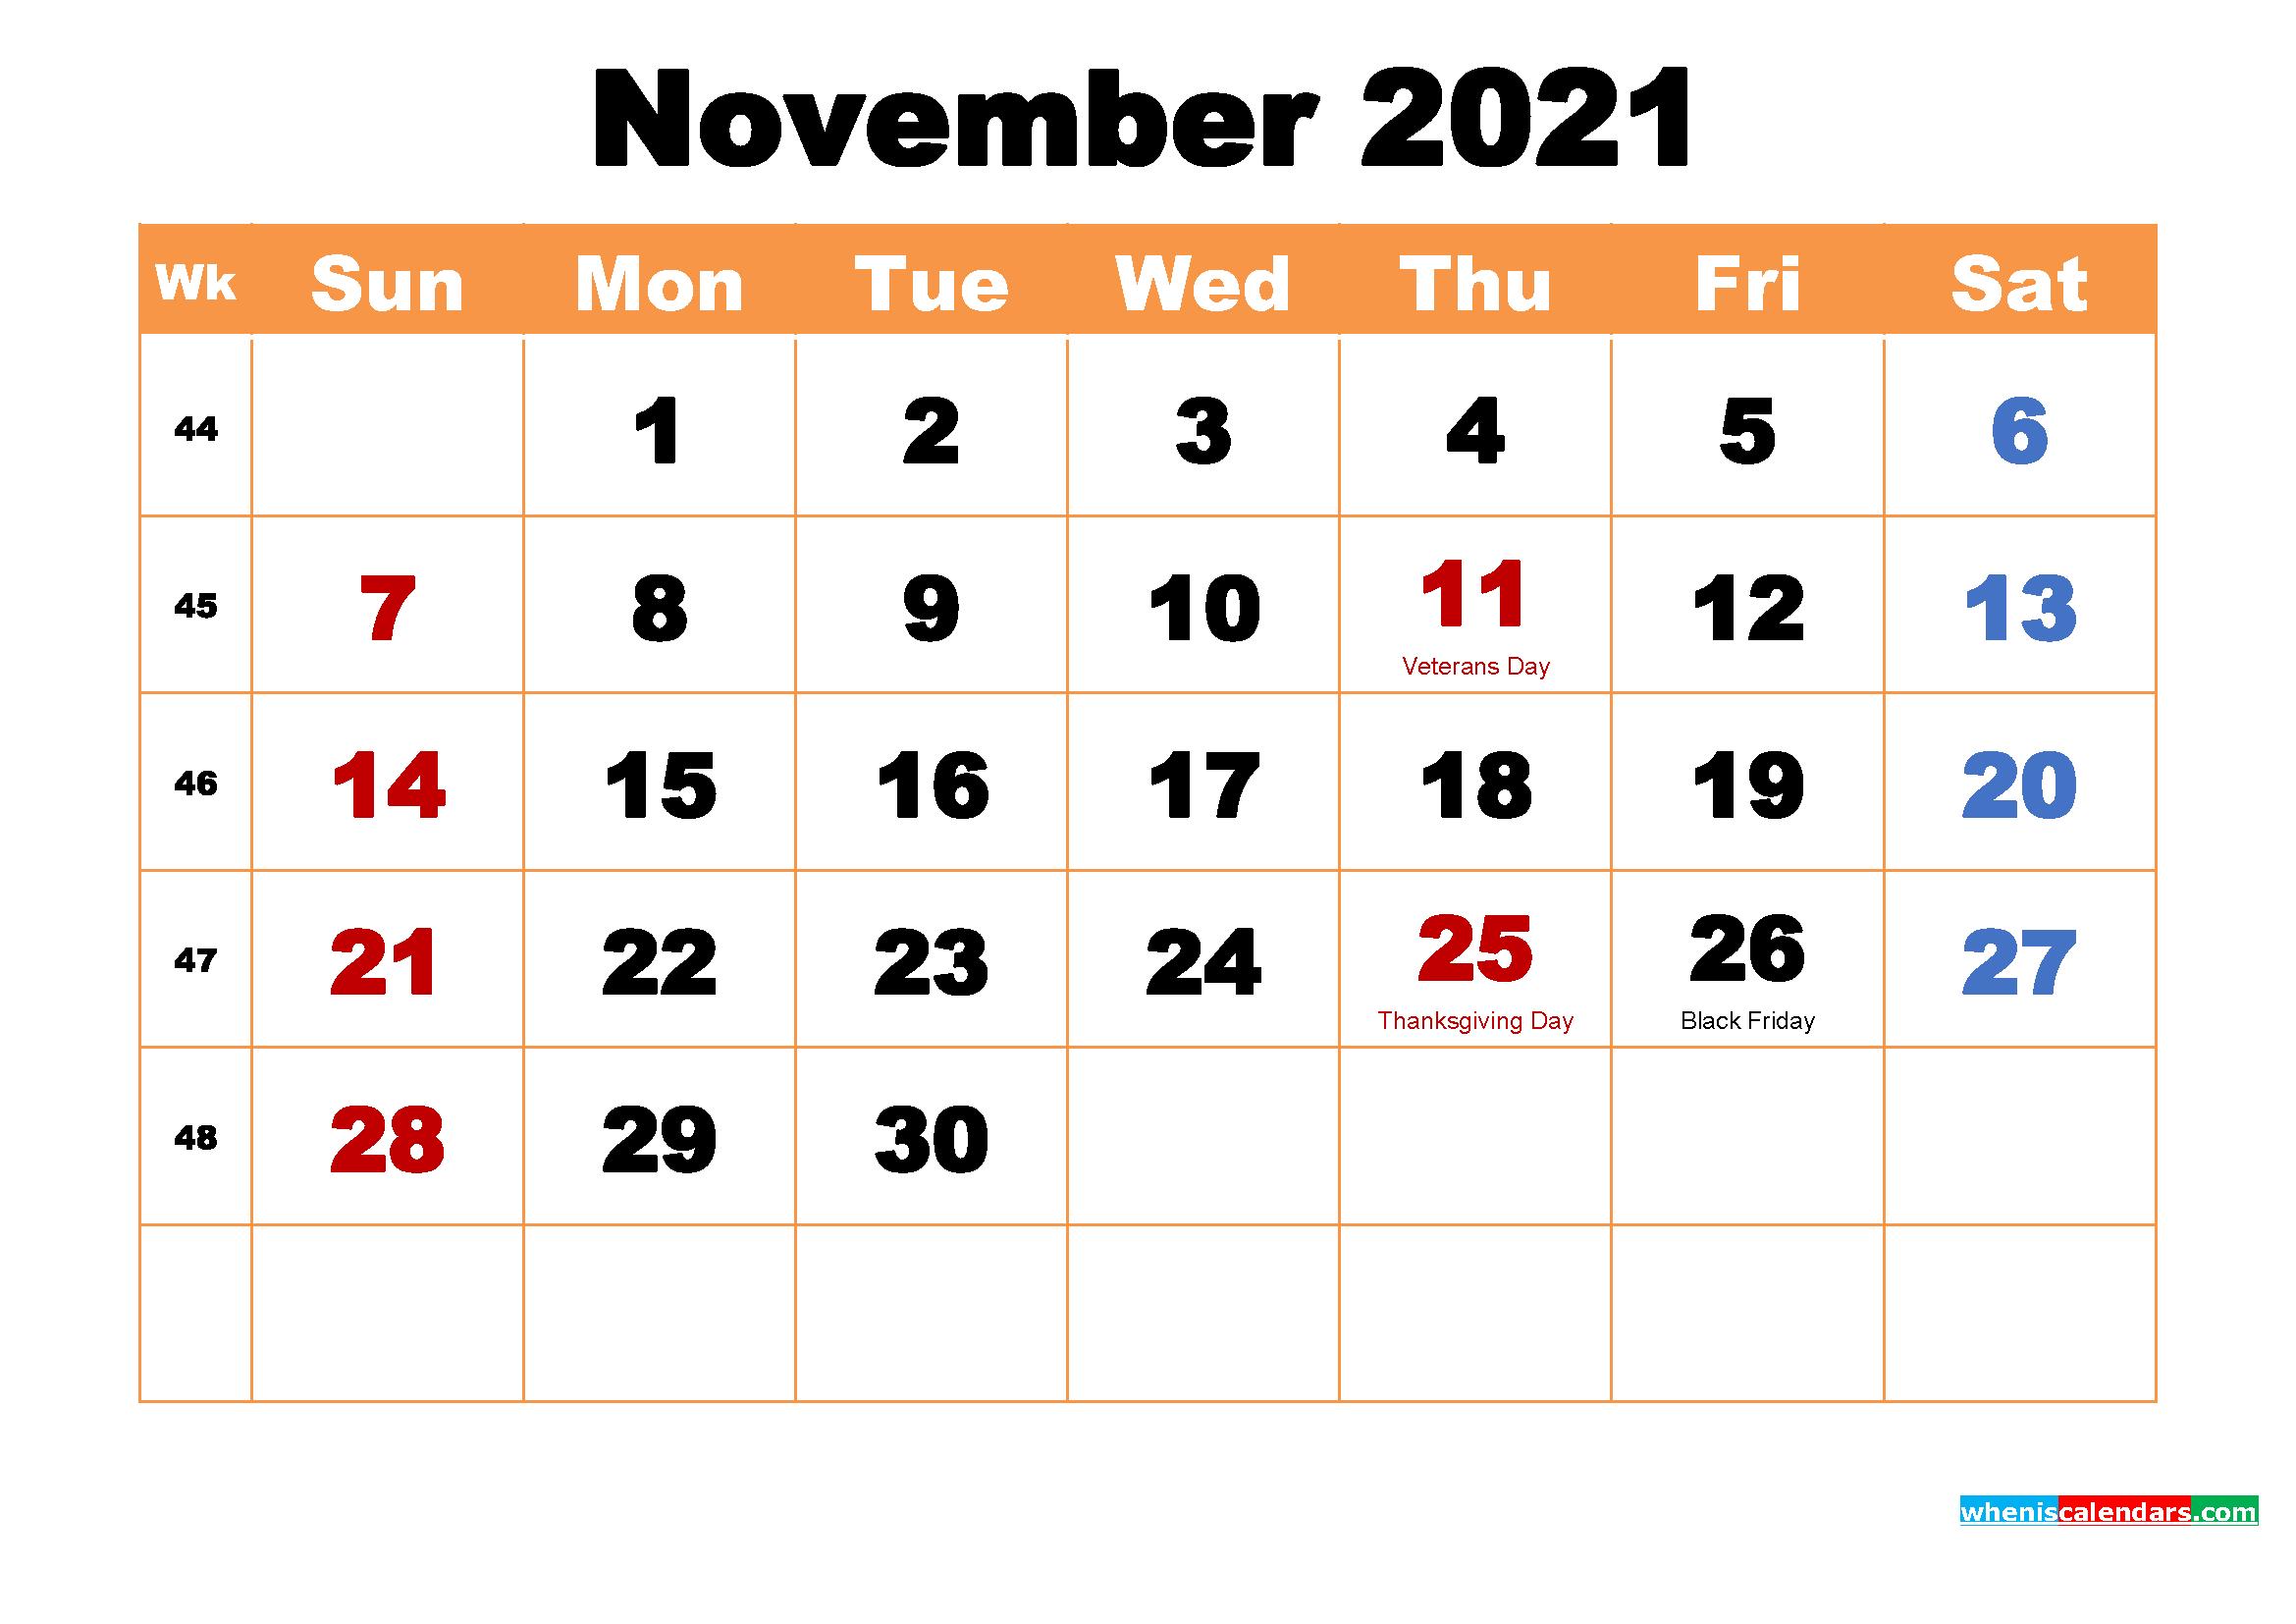 November 2021 Calendar Wallpaper High Resolution